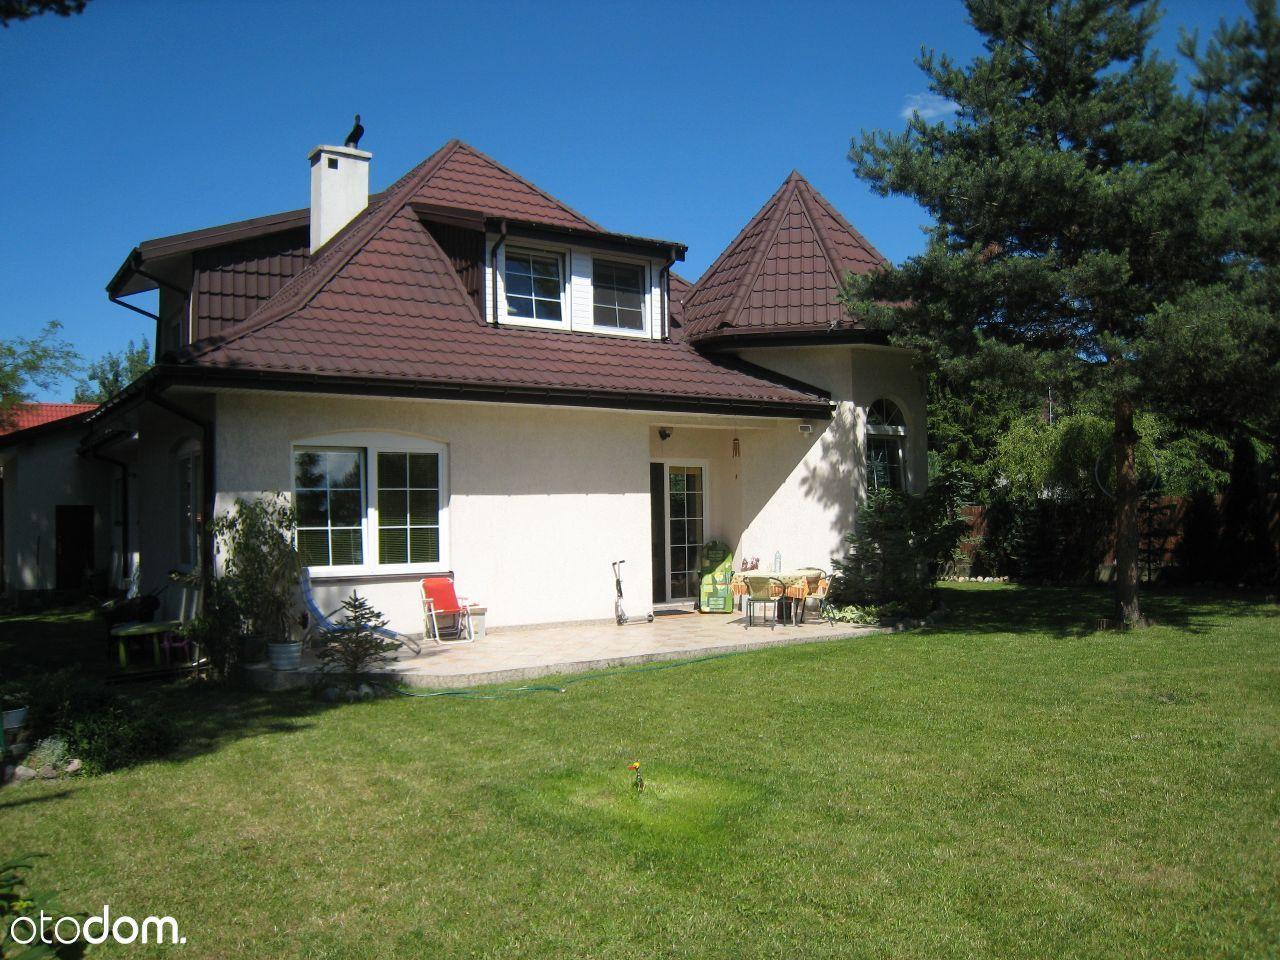 Dom na sprzedaż, Izabelin, warszawski zachodni, mazowieckie - Foto 1